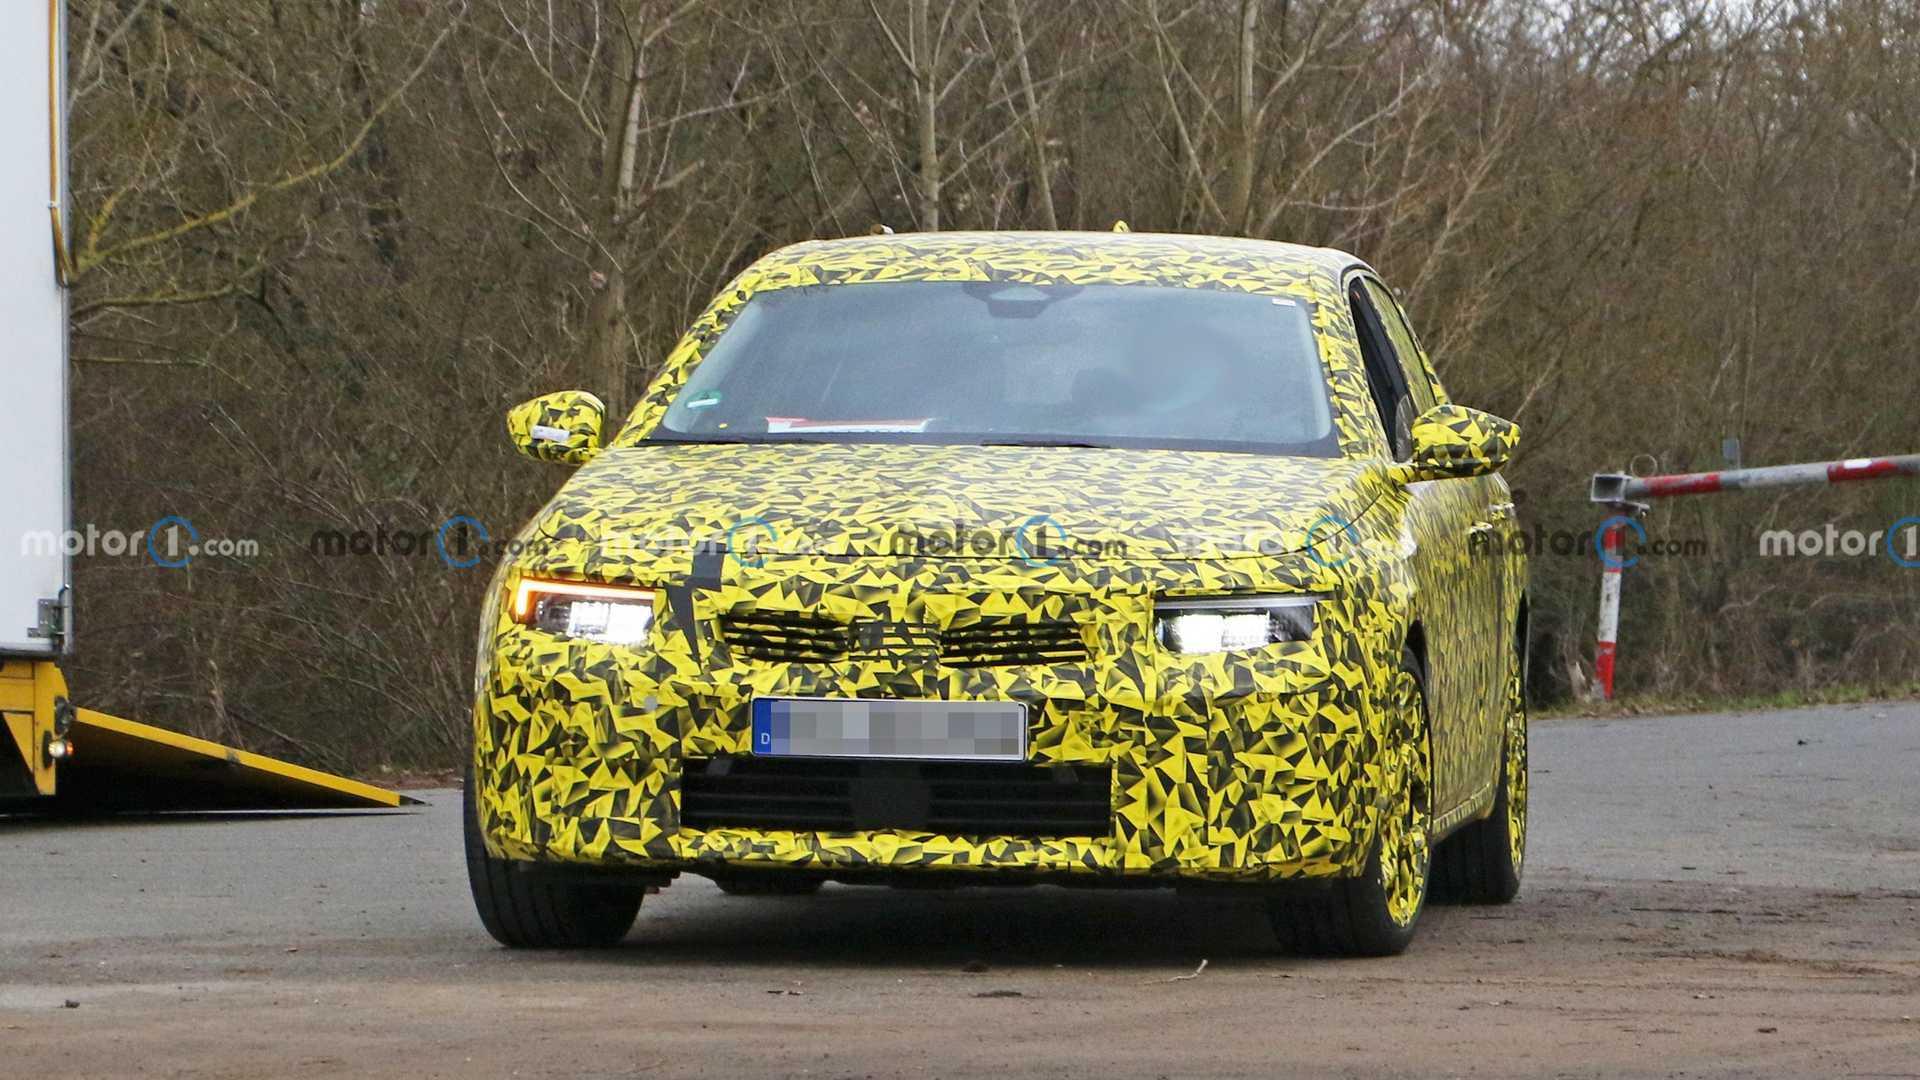 2022 Opel Astra spy photo